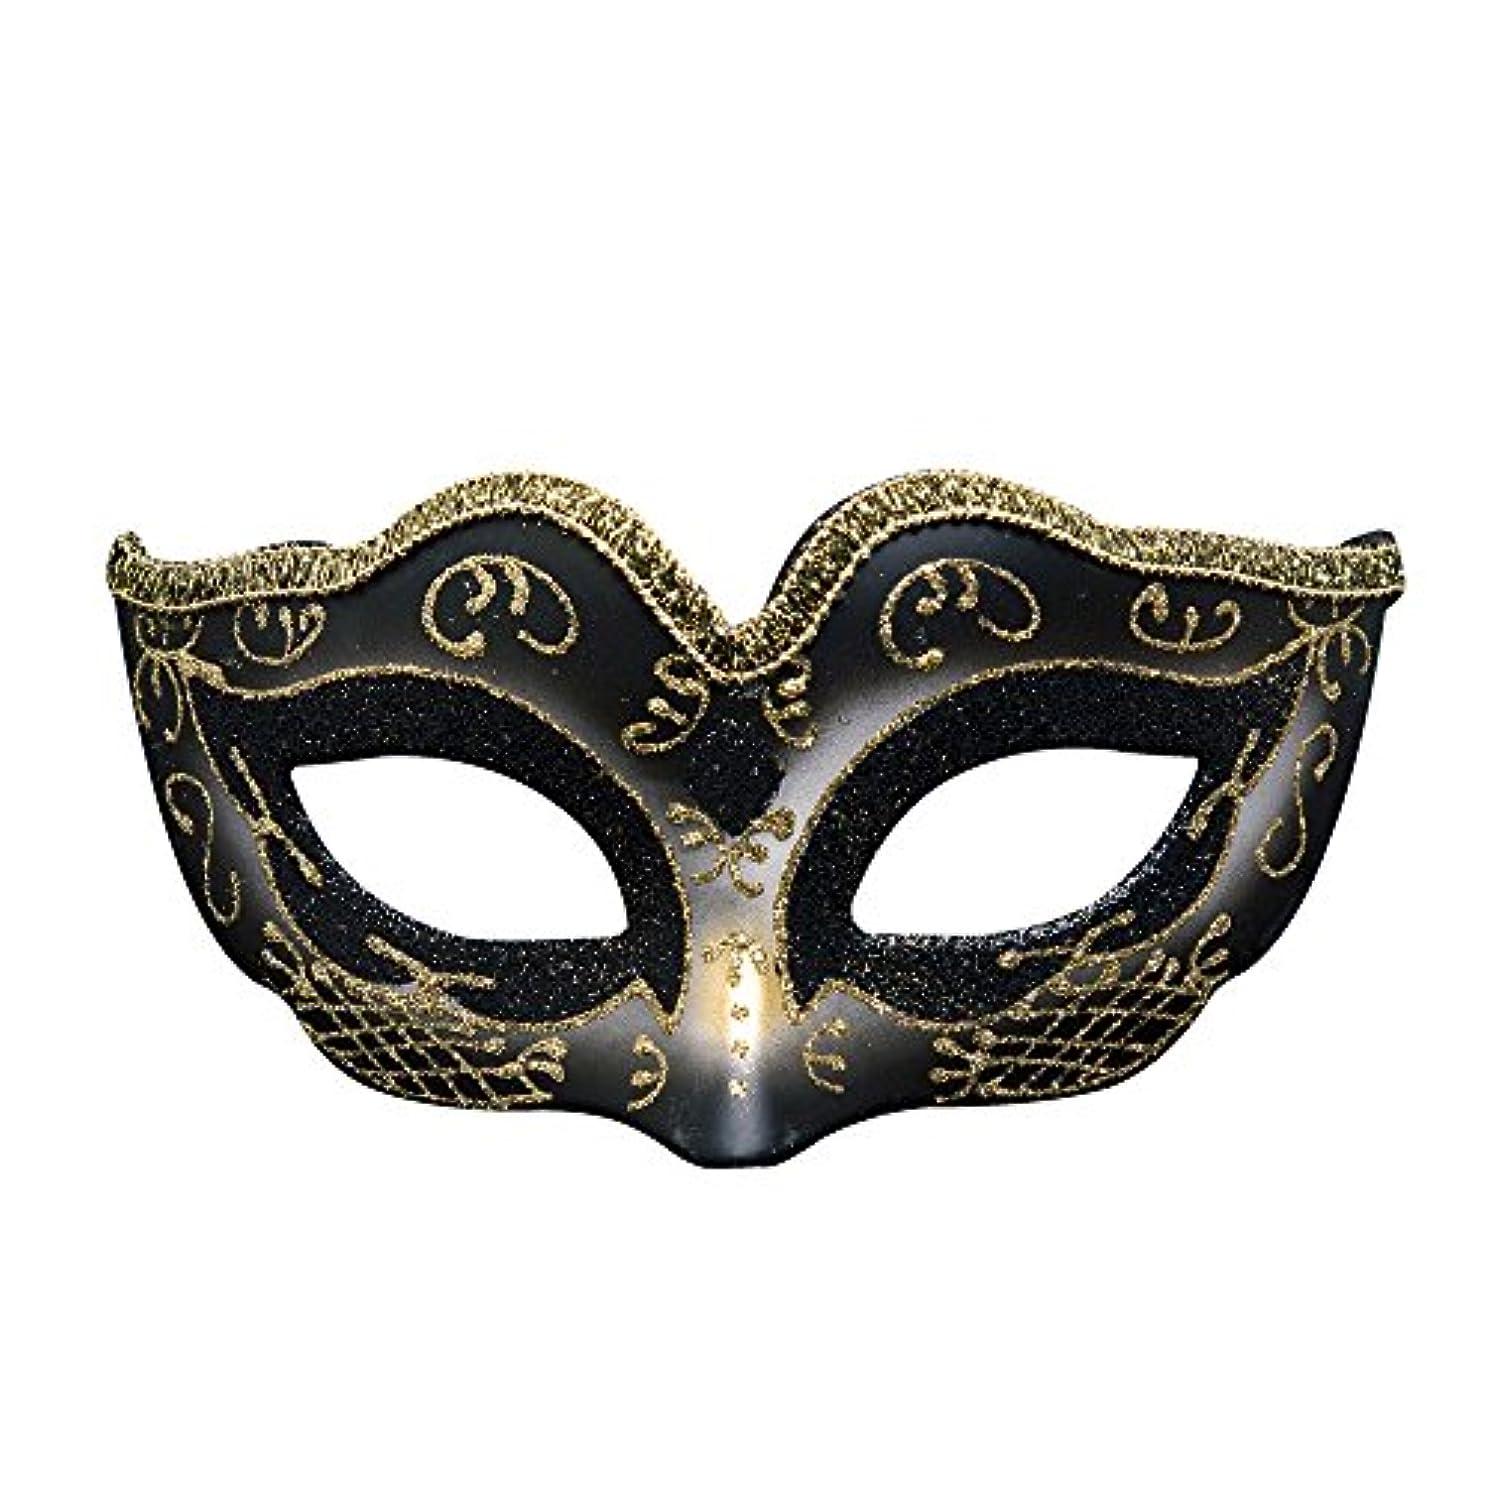 秘密の法廷価格クリエイティブカスタム子供のなりすましパーティーハロウィーンマスククリスマス雰囲気マスク (Color : A)